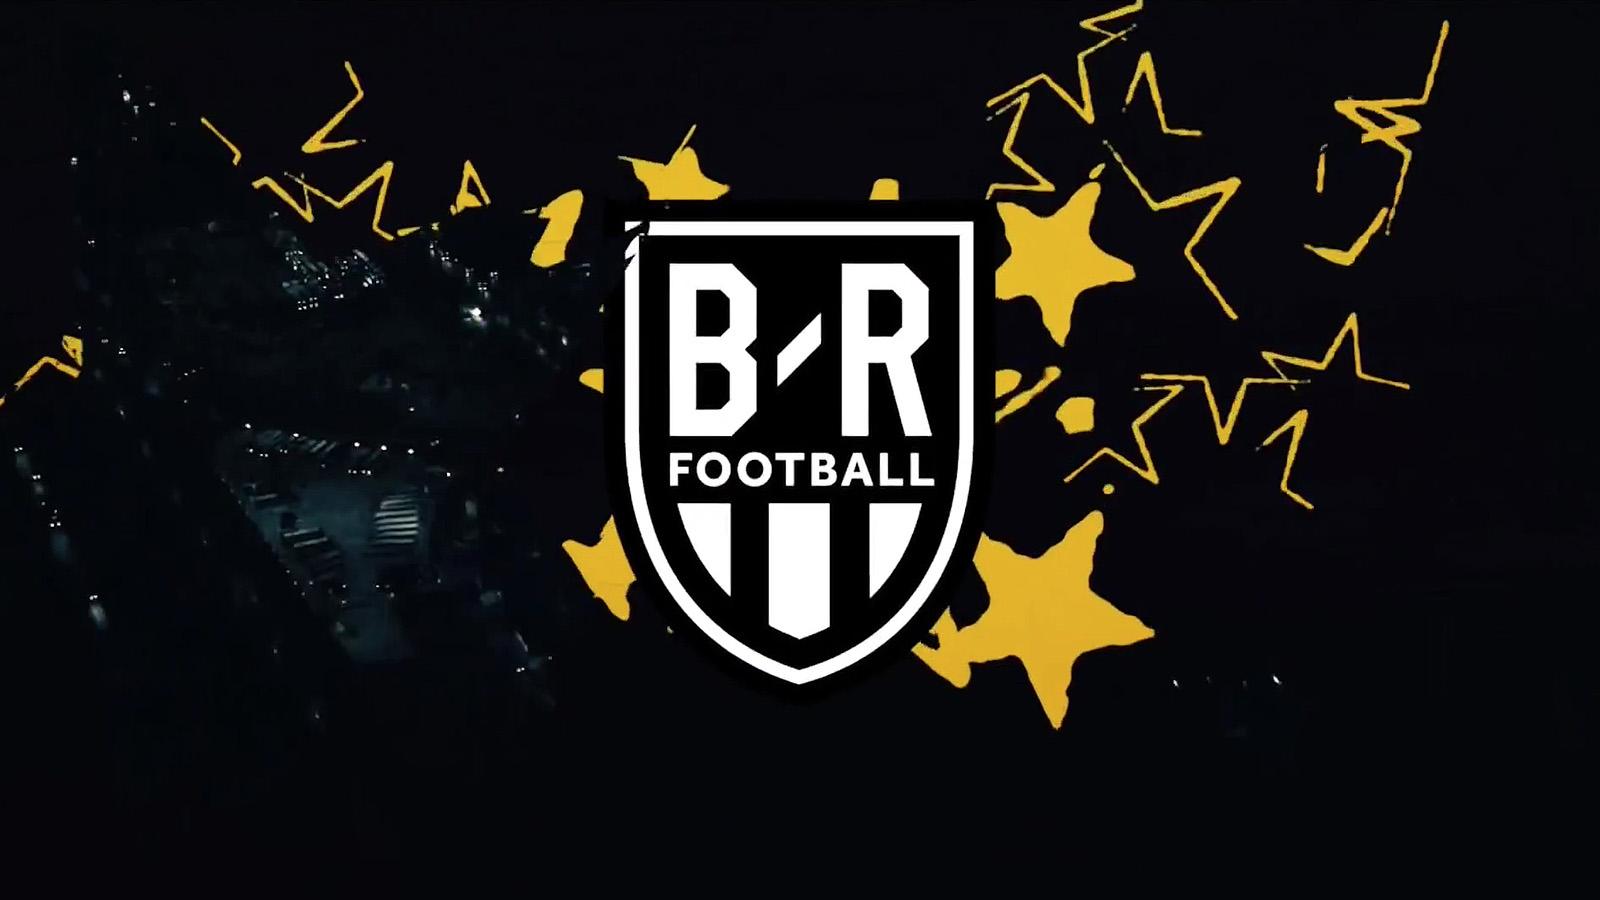 NCS_BR-Football-UEFA_Graphics-00001